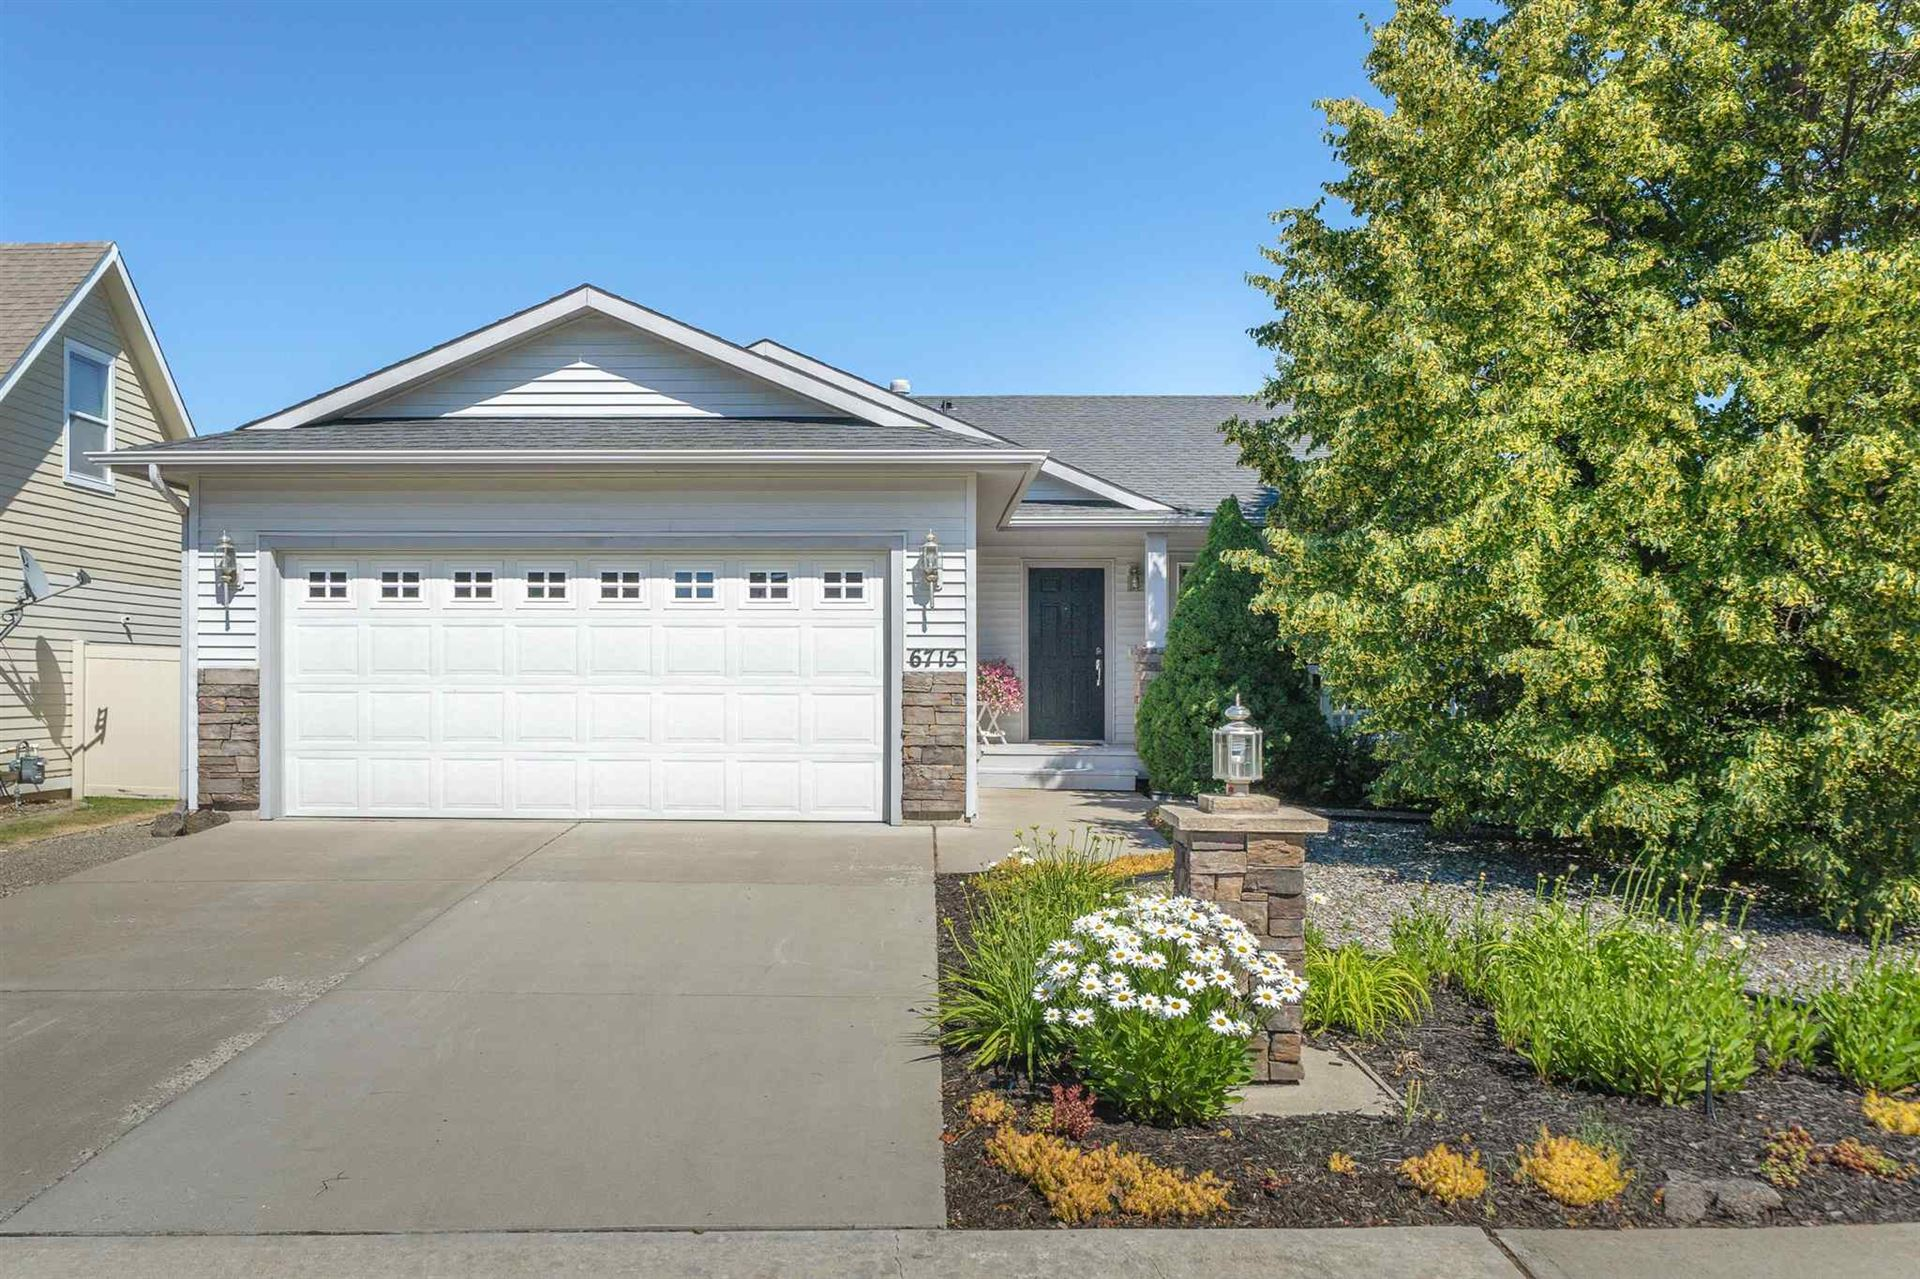 6715 S Baymont Ct, Spokane, WA 99224 - #: 202118099